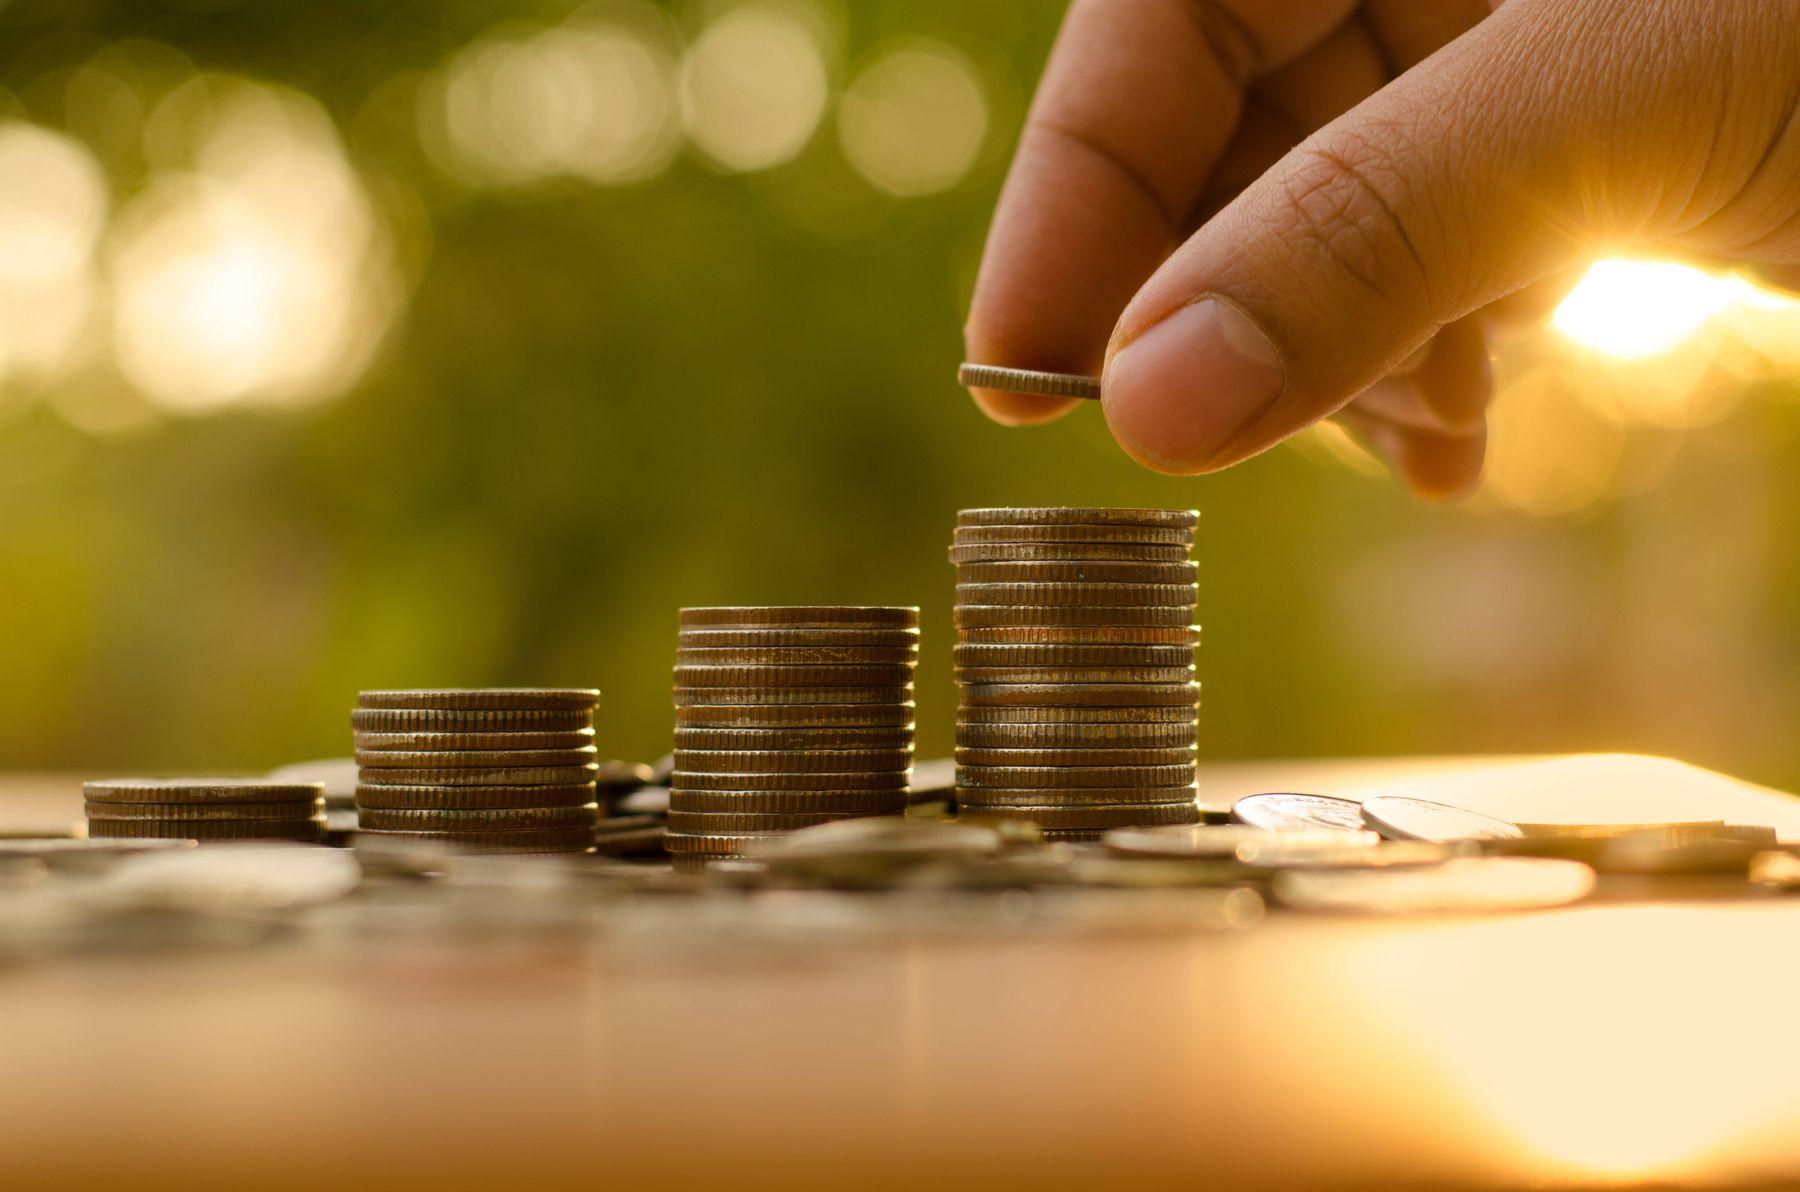 thanh toán hết các khoản nợ giúp bạn kiểm soát tài chính và tiết kiệm tiền tốt hơn